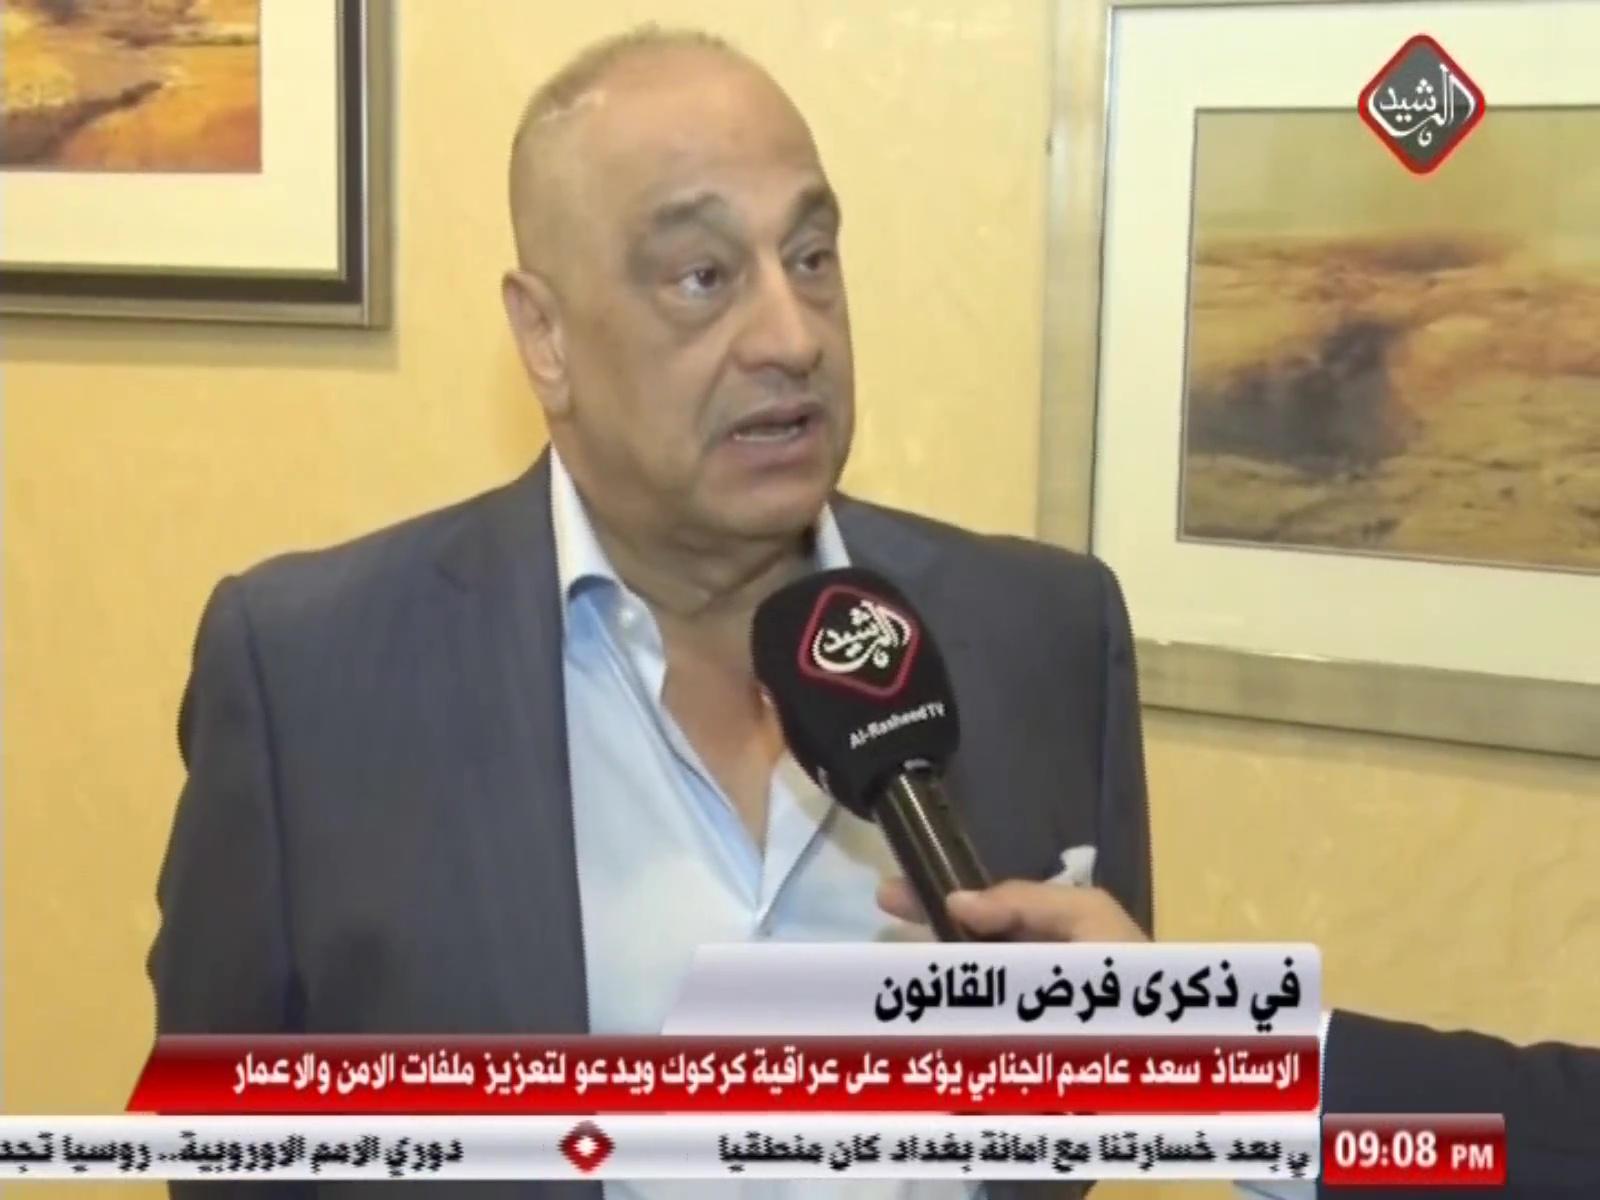 الاستاذ سعد عاصم الجنابي يبحث مع وفد المجلس العربي في كركوك القضايا الخاصة بالمحافظة